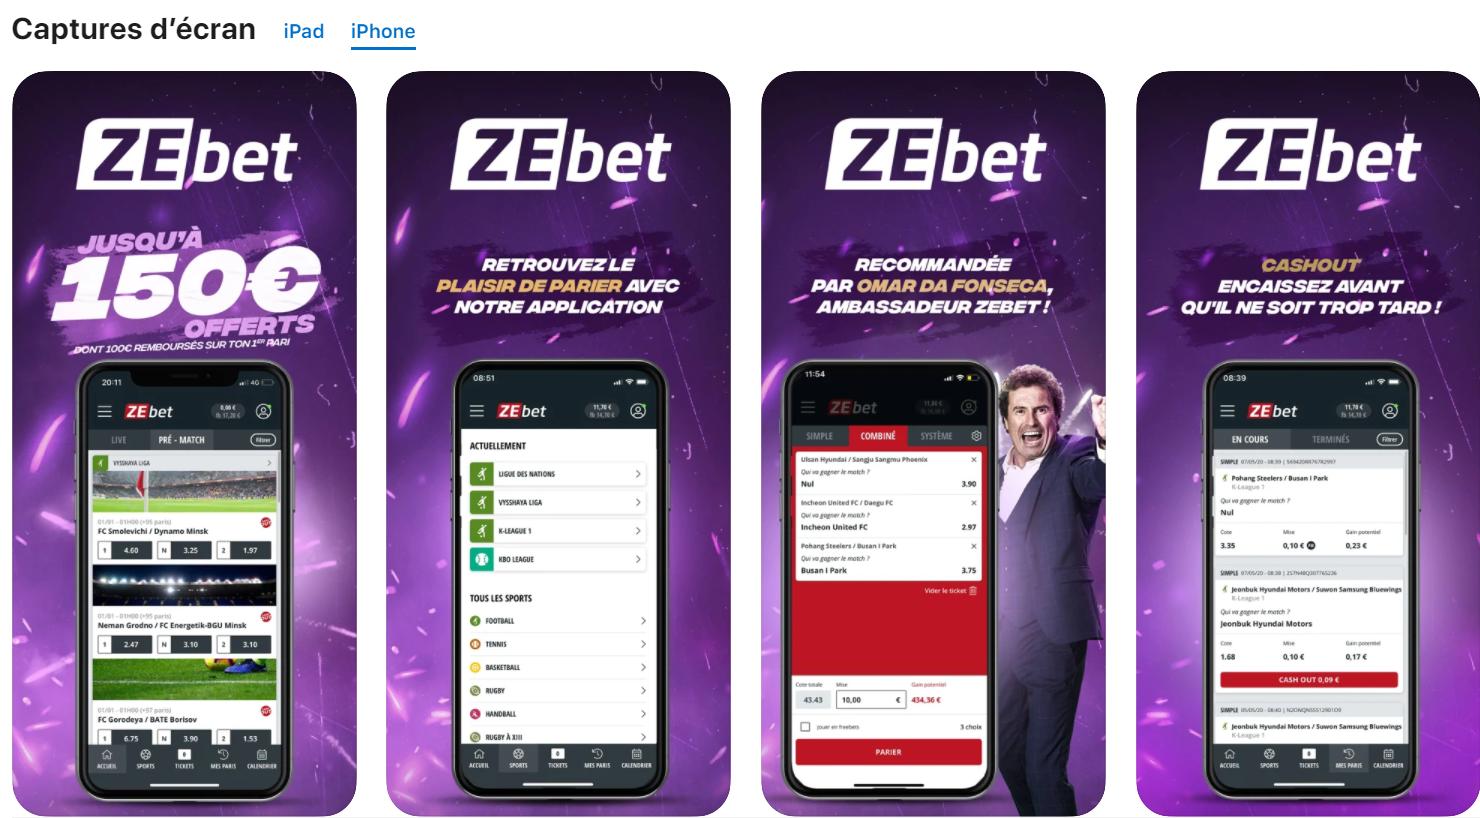 Installation du logiciel de Zebet sur Android